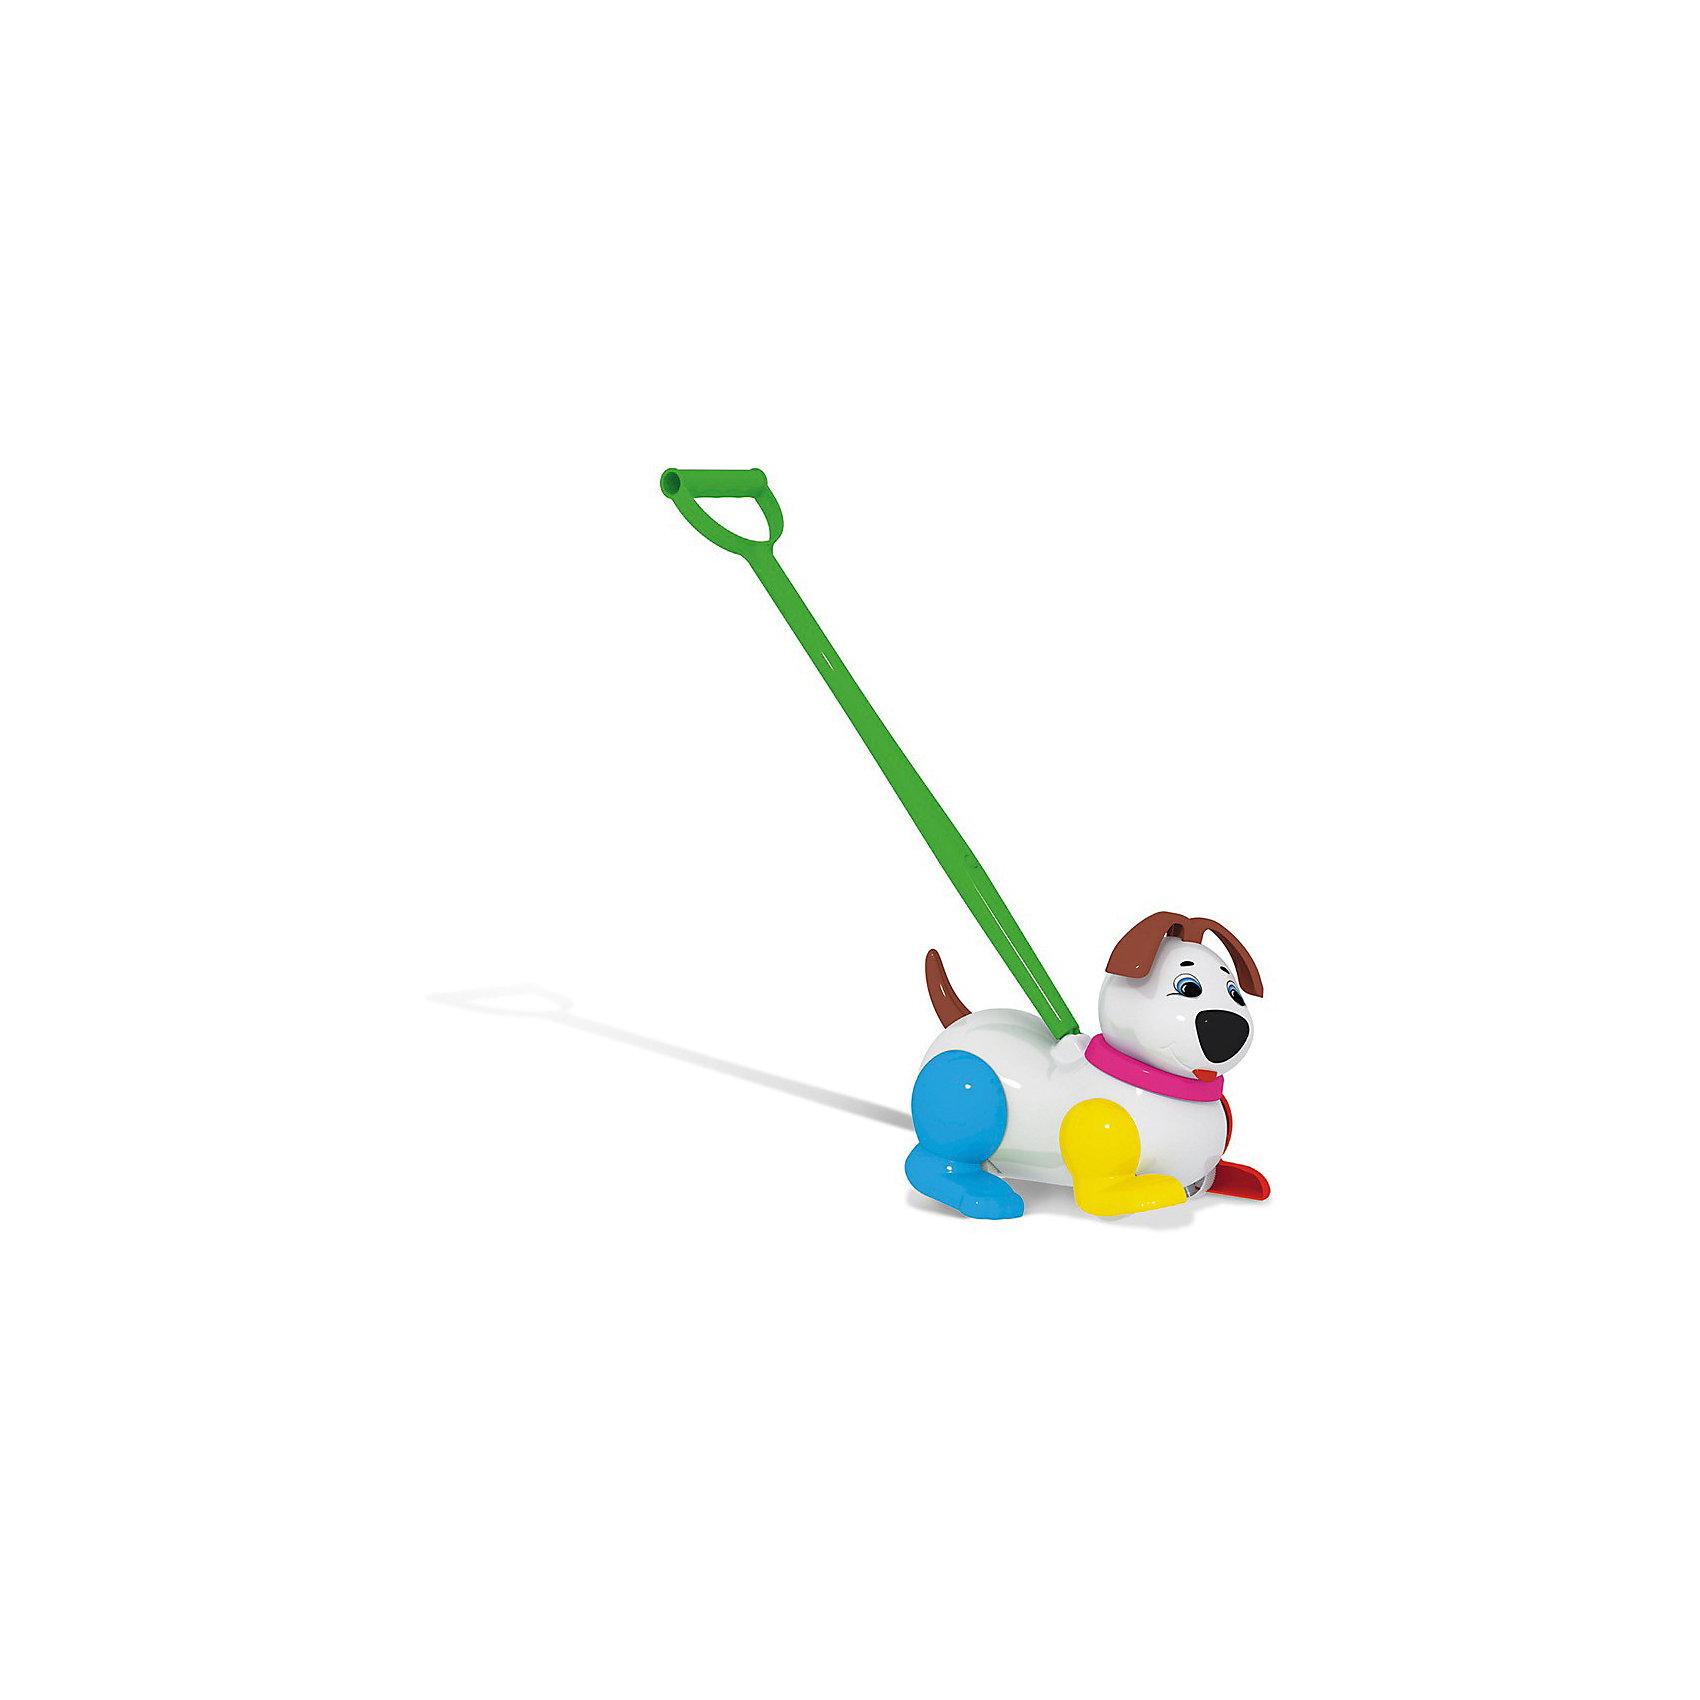 Каталка Собачка, СтелларИгрушки-каталки<br>Каталка Собачка, Стеллар (Stellar) -  яркая и оригинальная игрушка, которая не может не понравится! При движении собачка двигает лапками и пищит.<br><br>Каталка стимулирует малышей к активным движениям и развитию. В процессе игры развивается общая моторика, умение управлять своим телом.<br><br>Гулять с такой симпатичной игрушкой - одно удовольствие.<br><br>Дополнительная информация:<br><br>- Материал: пластмасса<br>- Размер упаковки: 255 х 375 х 375 мм<br>- Вес: 730 г.<br><br>Игрушку Каталка Собачка, Стеллар (Stellar) можно купить в нашем интернет-магазине.<br><br>Ширина мм: 255<br>Глубина мм: 375<br>Высота мм: 375<br>Вес г: 730<br>Возраст от месяцев: 12<br>Возраст до месяцев: 36<br>Пол: Унисекс<br>Возраст: Детский<br>SKU: 3446476